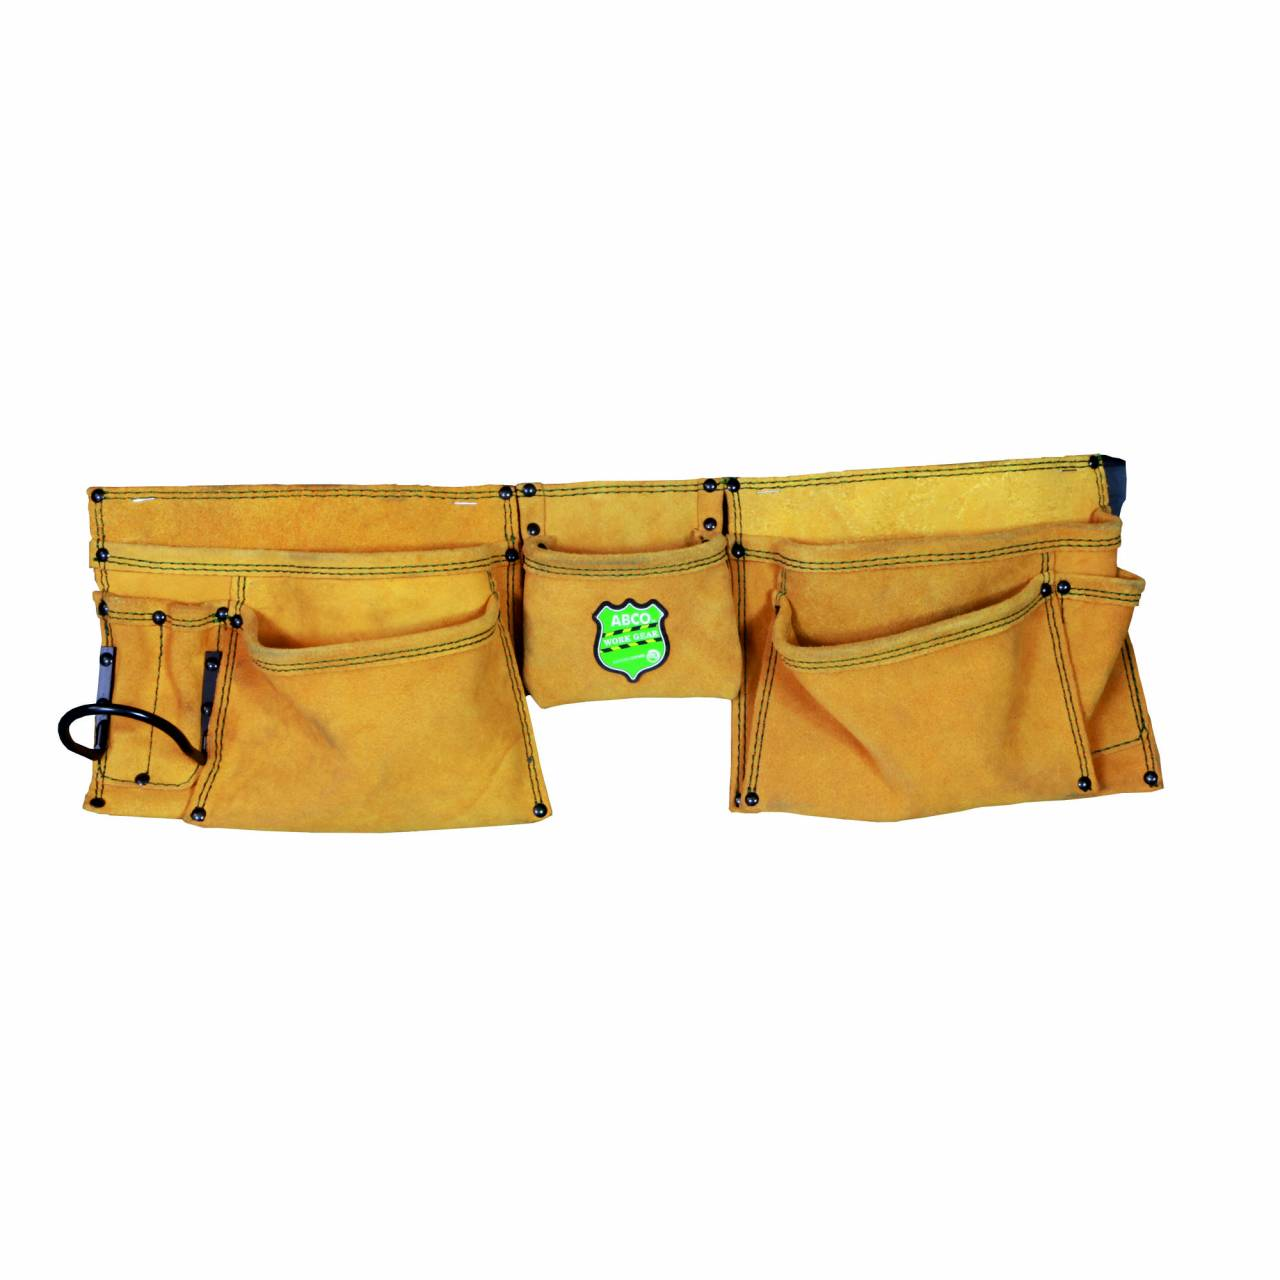 Nagel- / Werkzeugschürze, Leder, 8 Taschen, 1 Halter, Gürtel